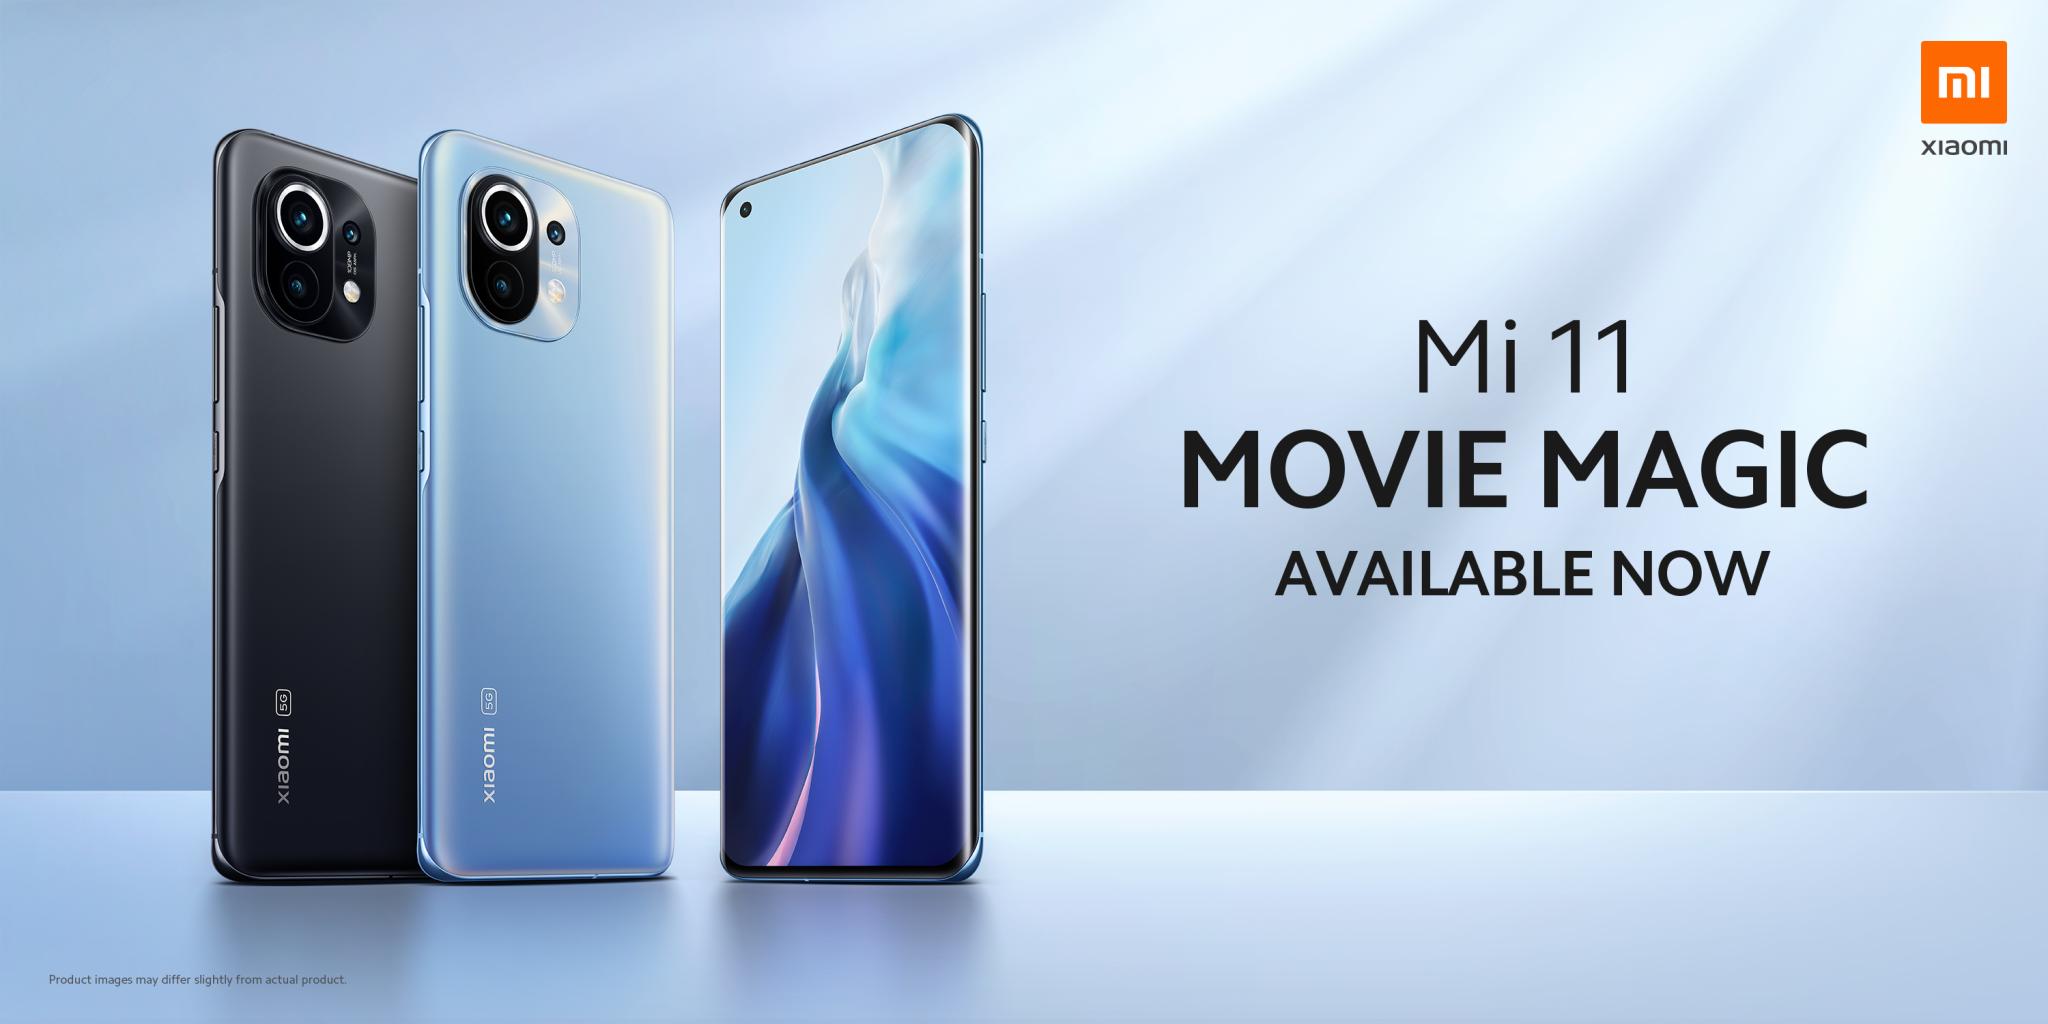 Elkezdődött az új Xiaomi zászlóshajó, a Mi 11 értékesítése 2